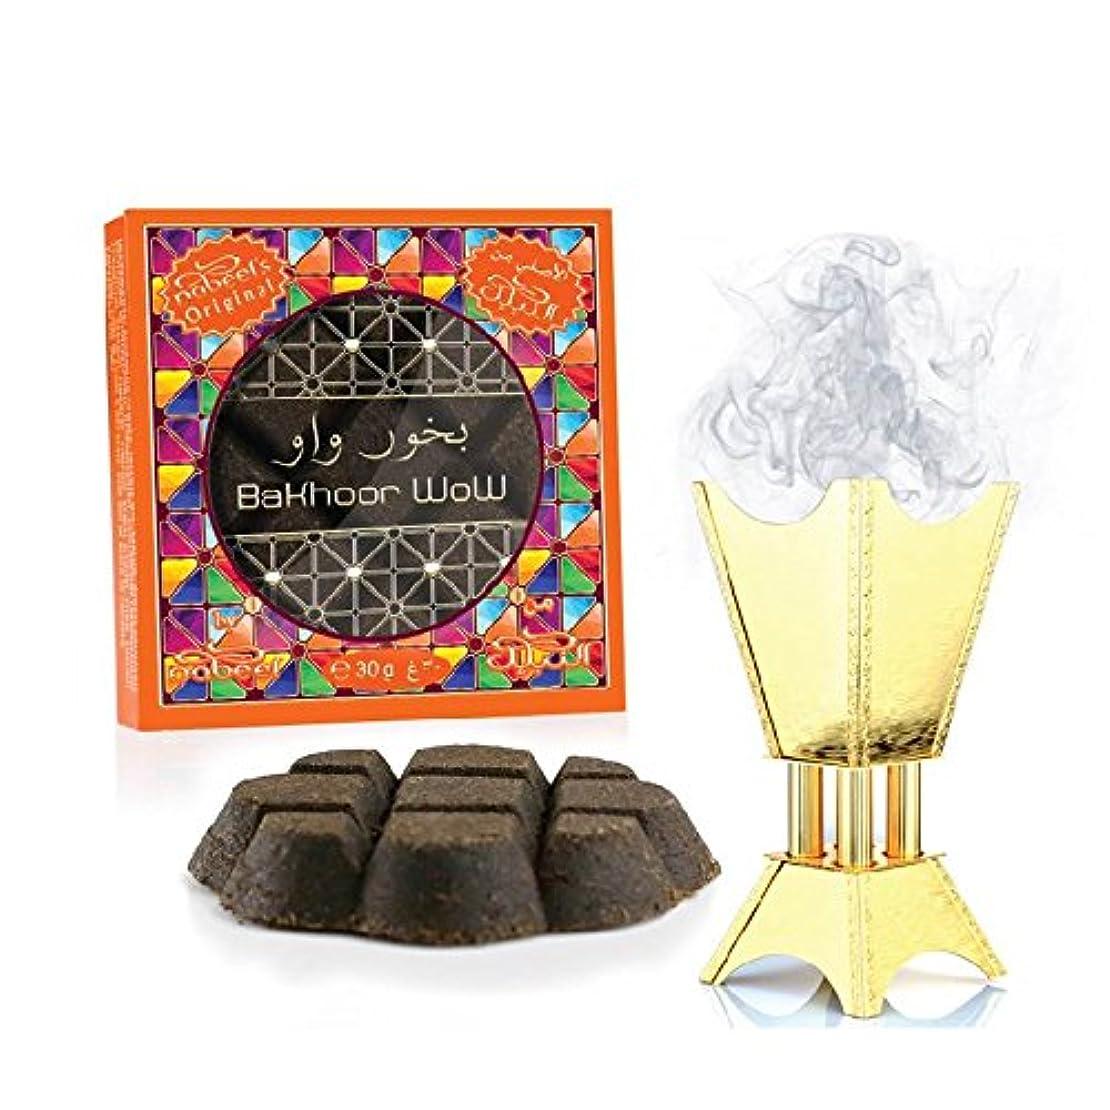 スリムラバ離婚Bakhoor Wow Incense (ボックスof 12 x 30 gm ) by Nabeel